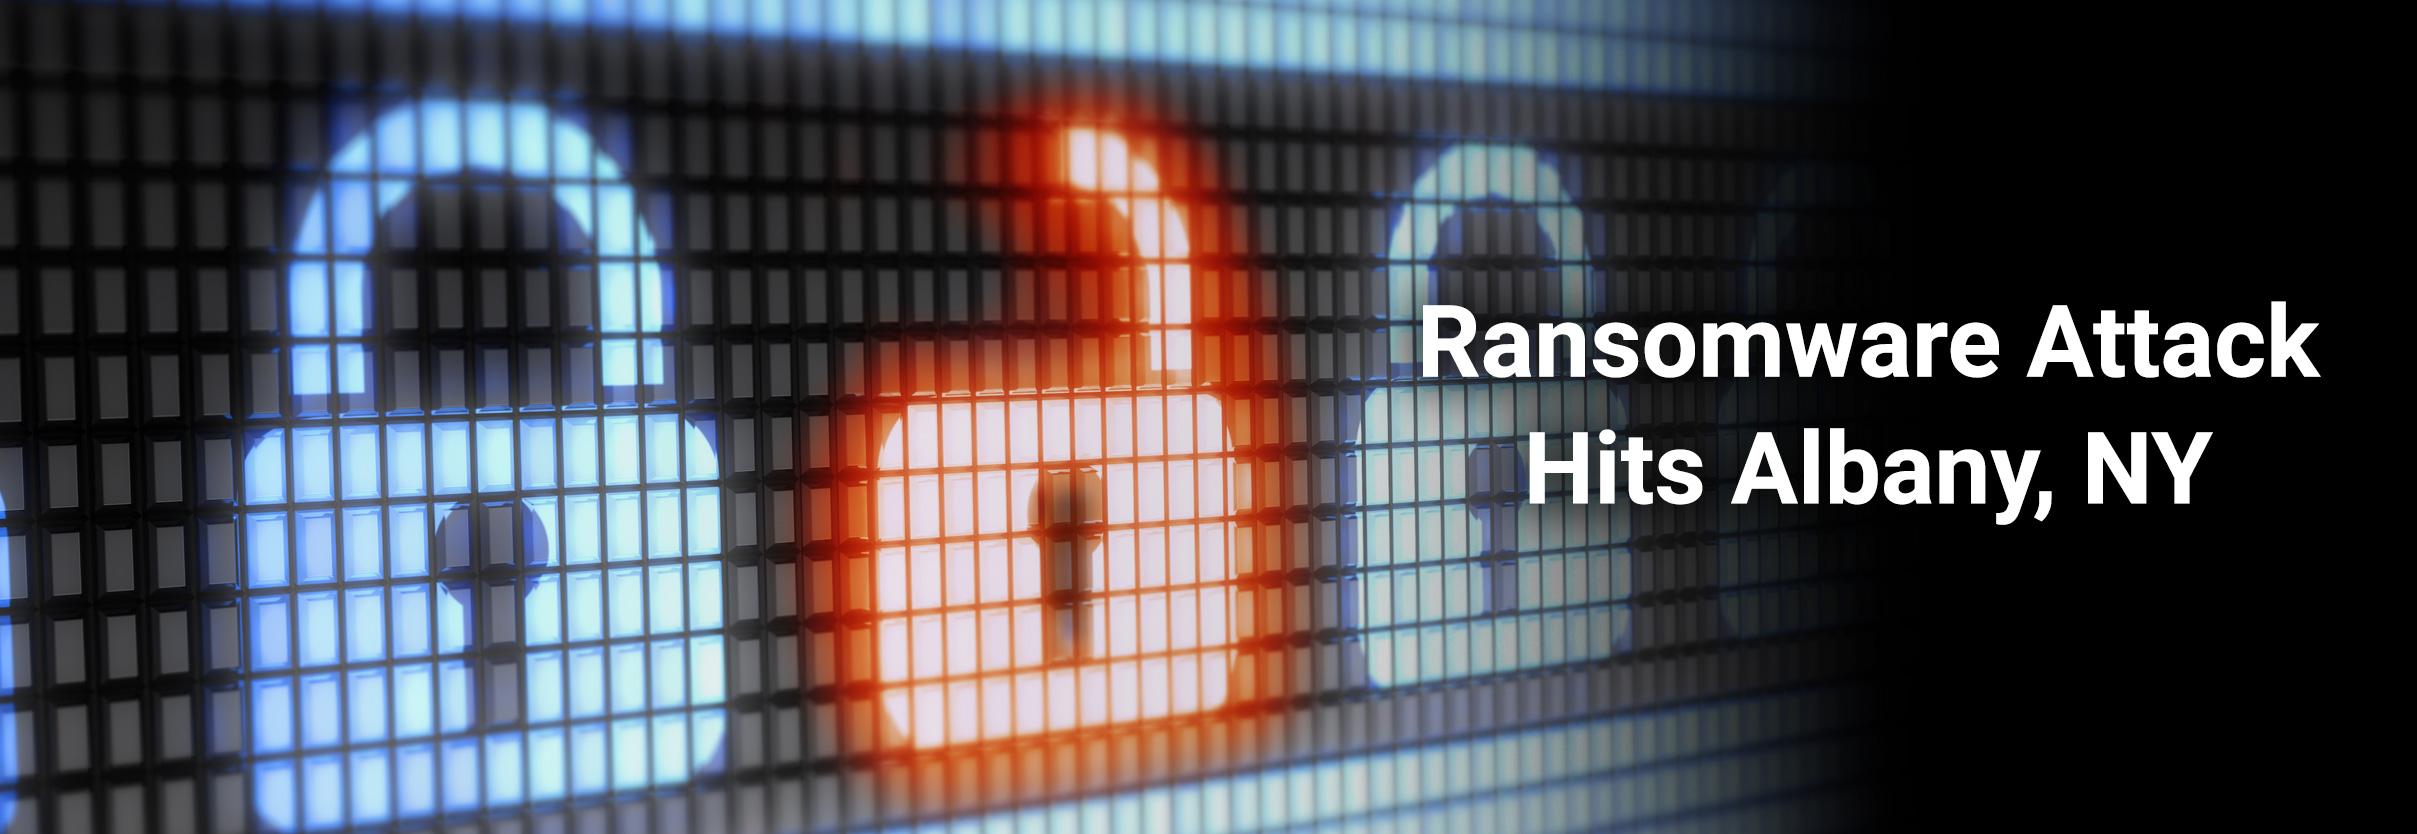 Ransomware Attack Hits Albany, NY